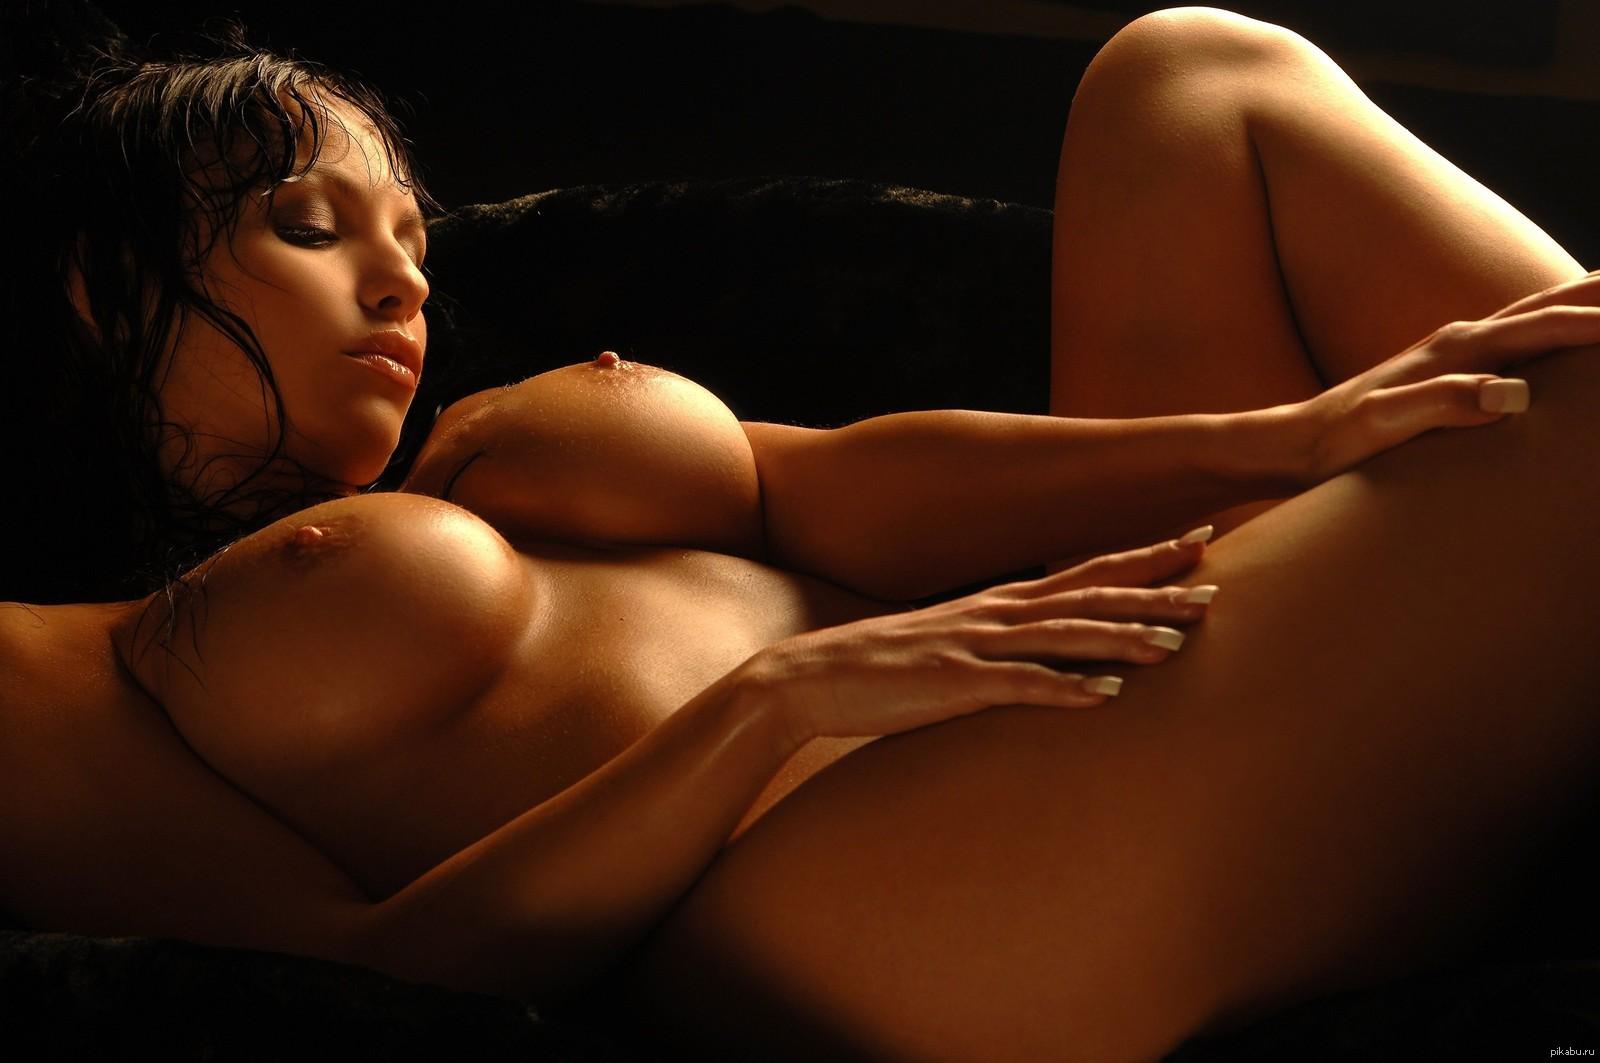 Фото Эротика Красивых Голых Женщин